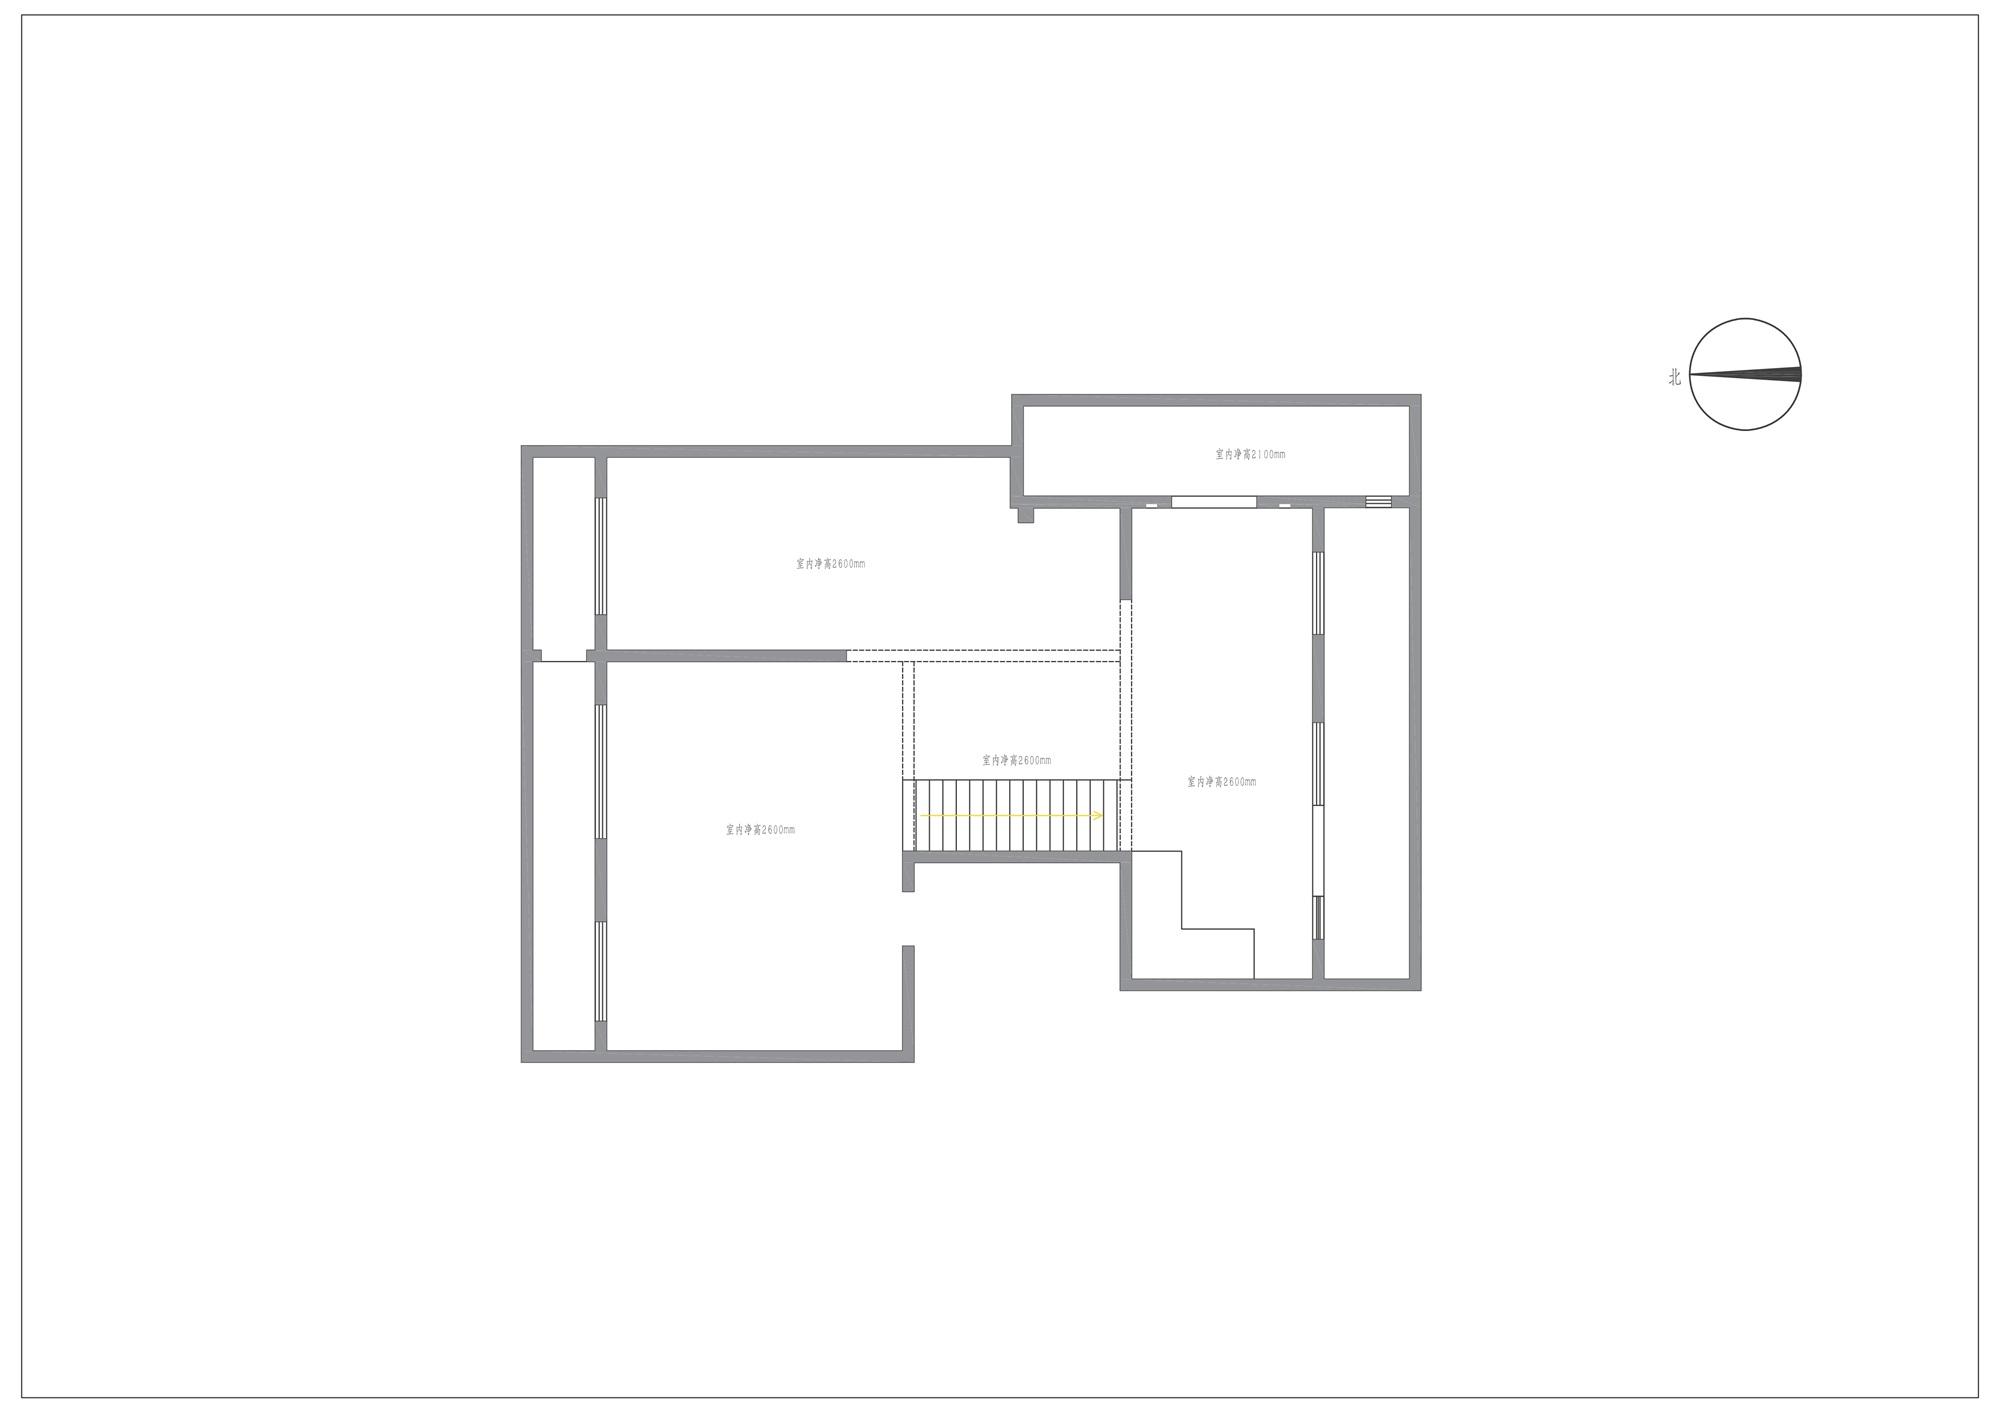 华瞰墨园-335平米-美式中式风格装修效果图装修设计理念